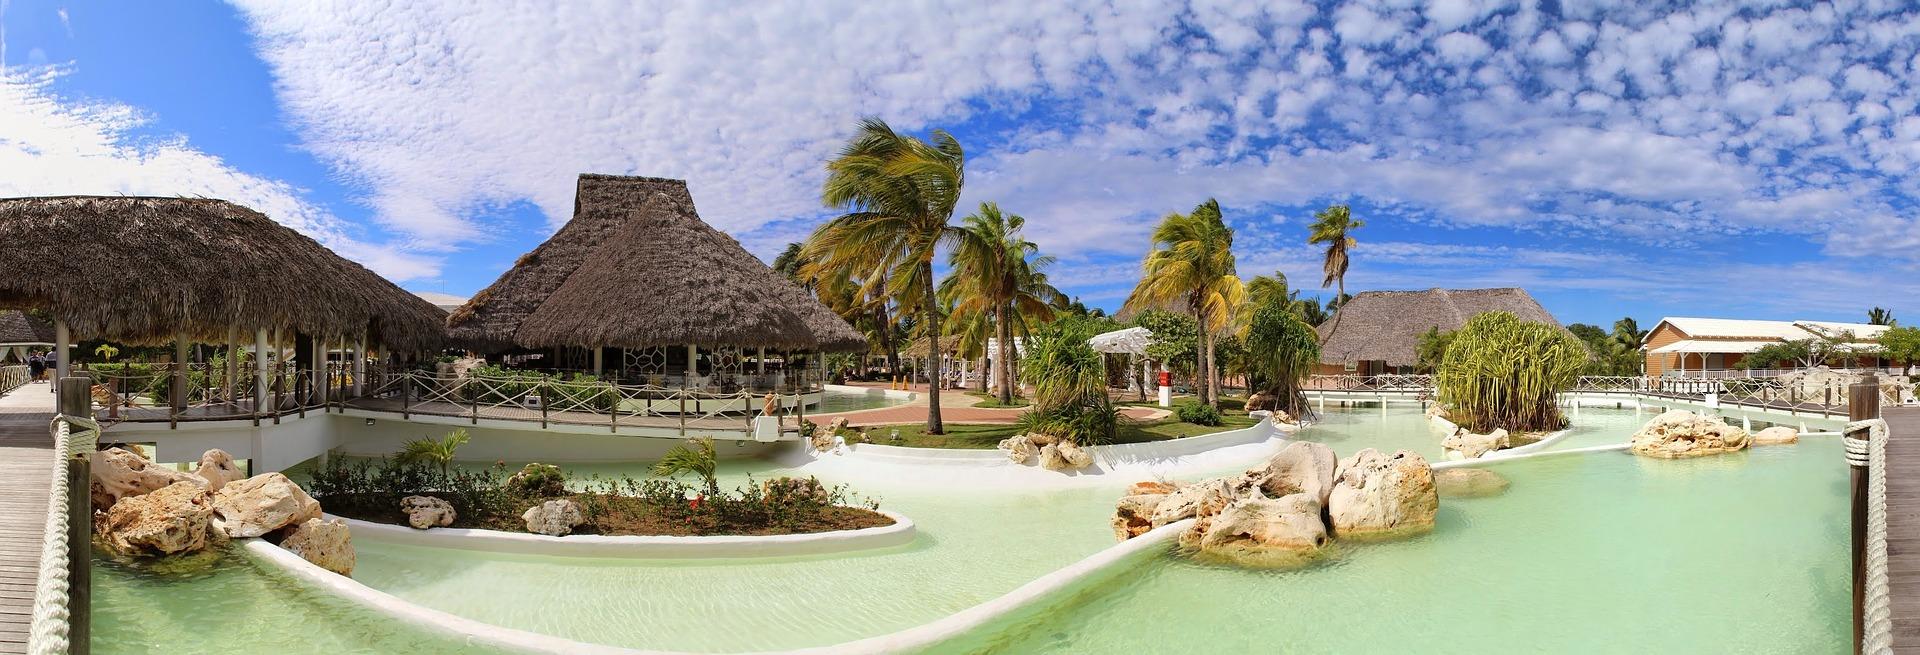 Cuba vakantie luxe hotel